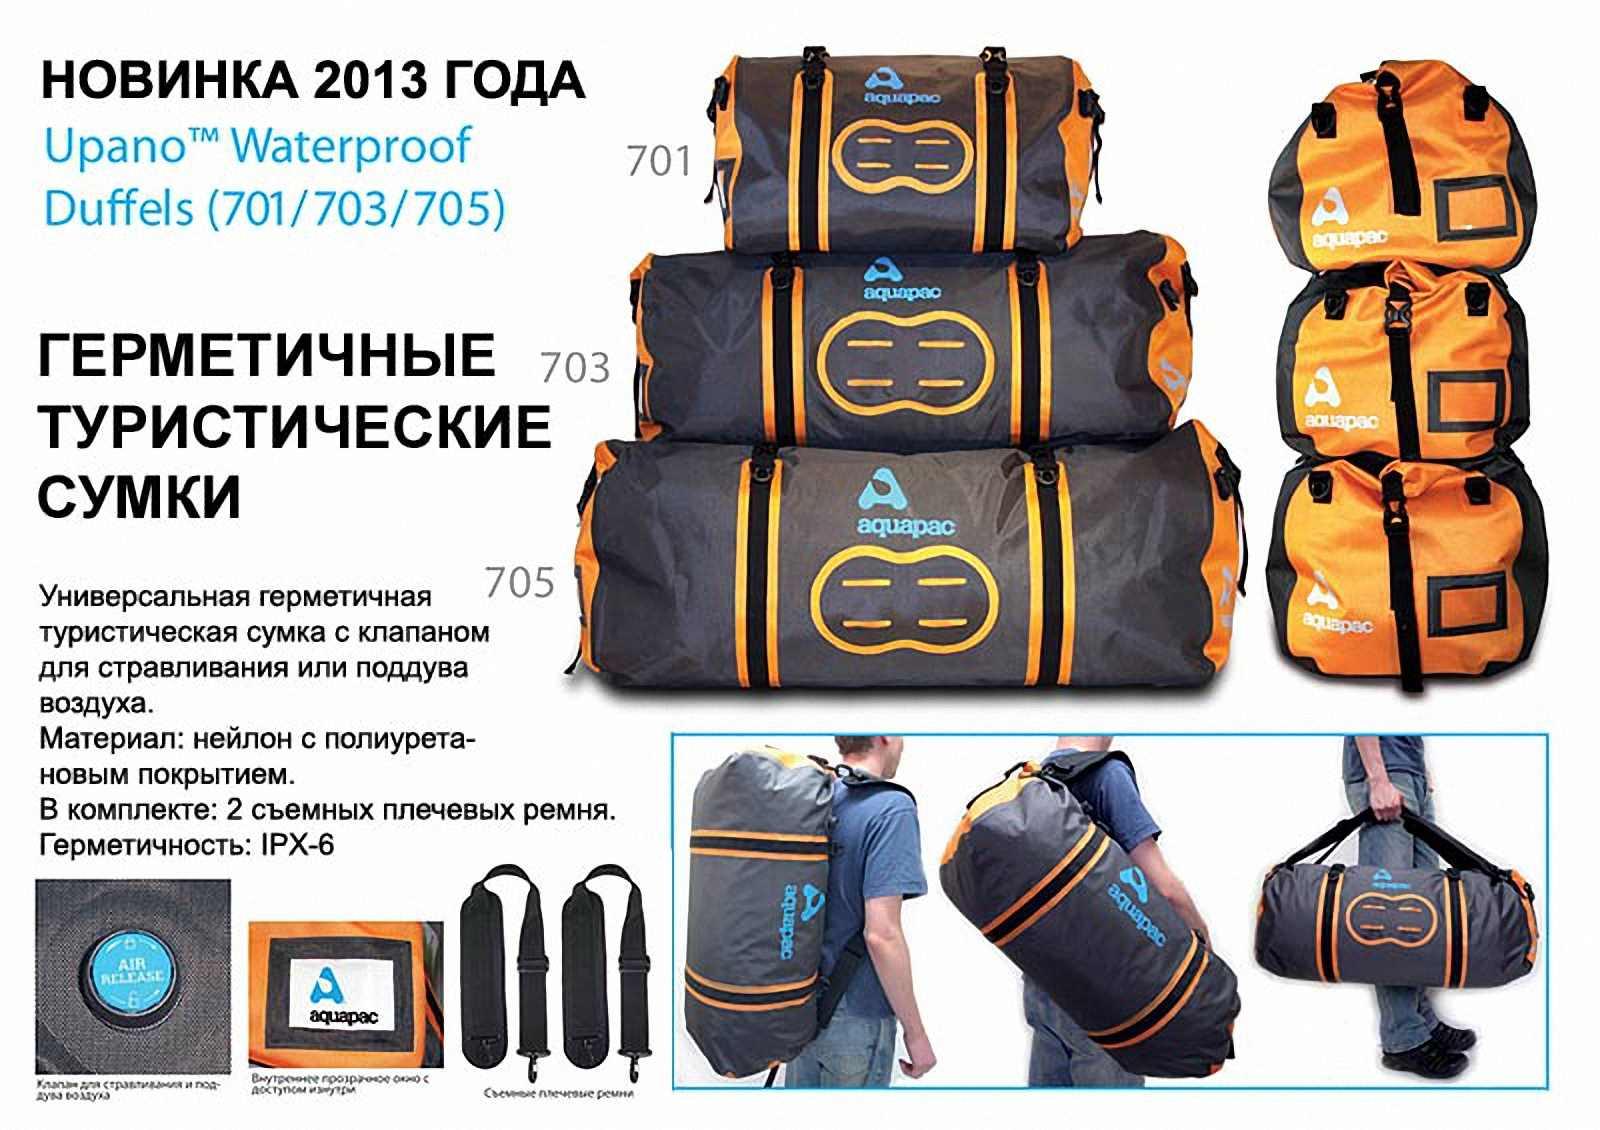 Водонепроницаемая сумка-рюкзак Aquapac 703 - Upano Waterproof Duffel - 70L.. Aquapac - №1 в мире водонепроницаемых чехлов и сумок. Фото 1